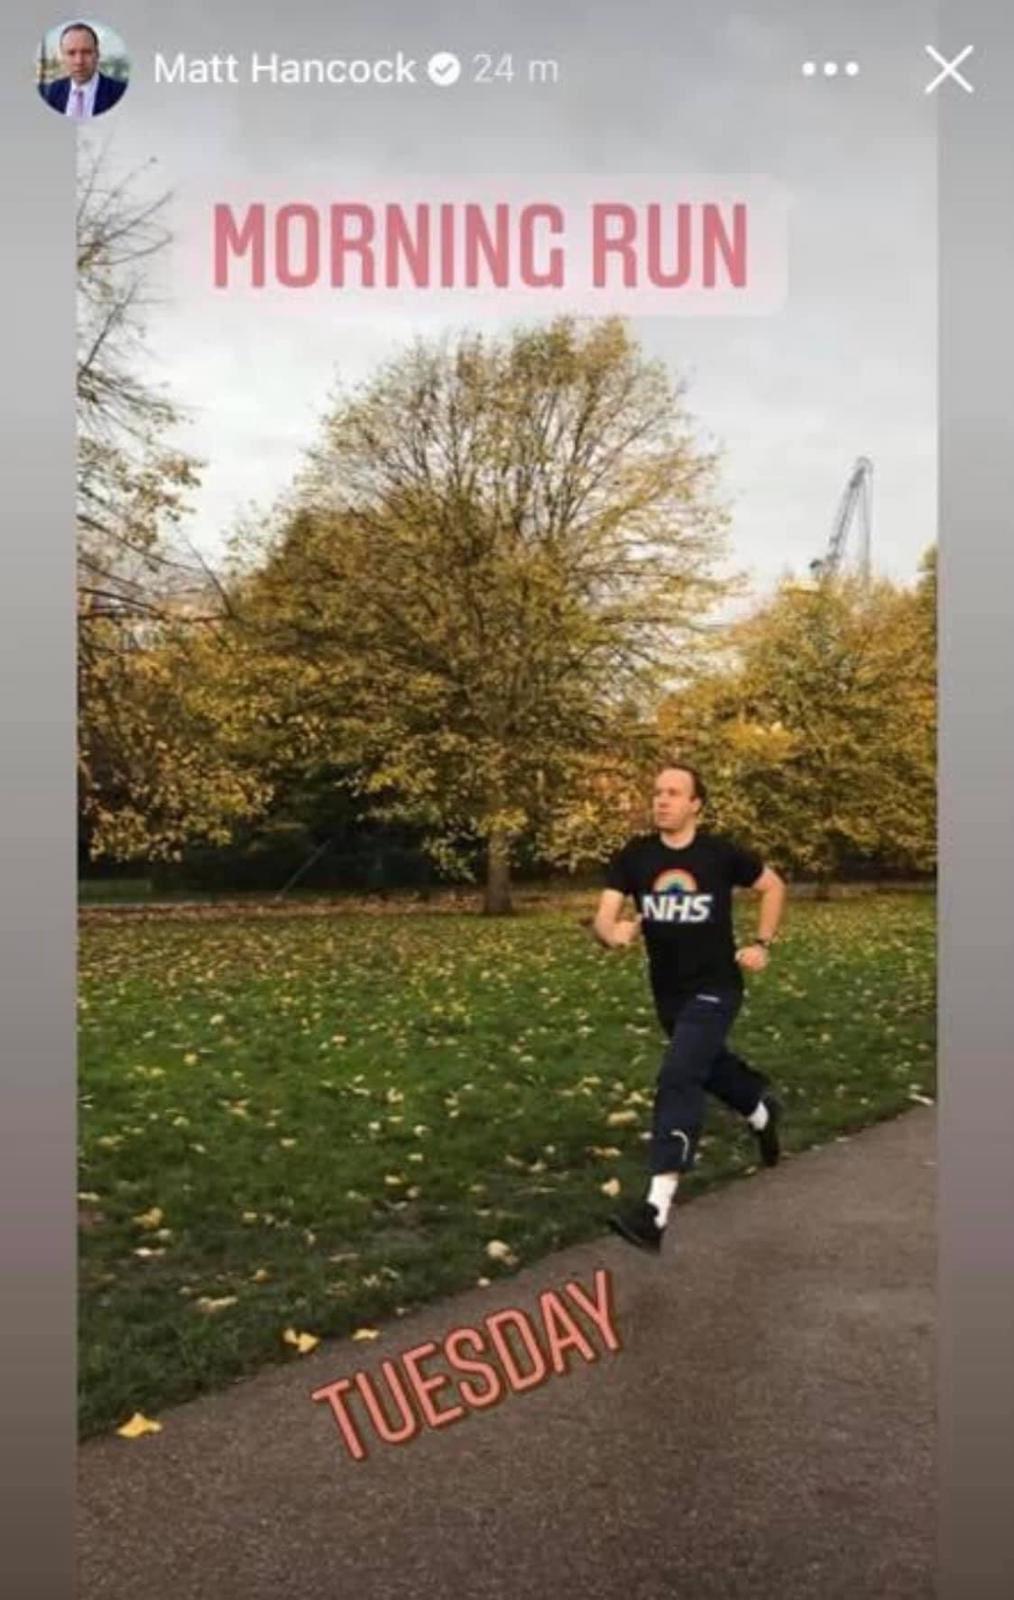 Chris Lloyd On Twitter Matt Hancock S Fake Crying Was Weird But His Fake Running Is Weirder